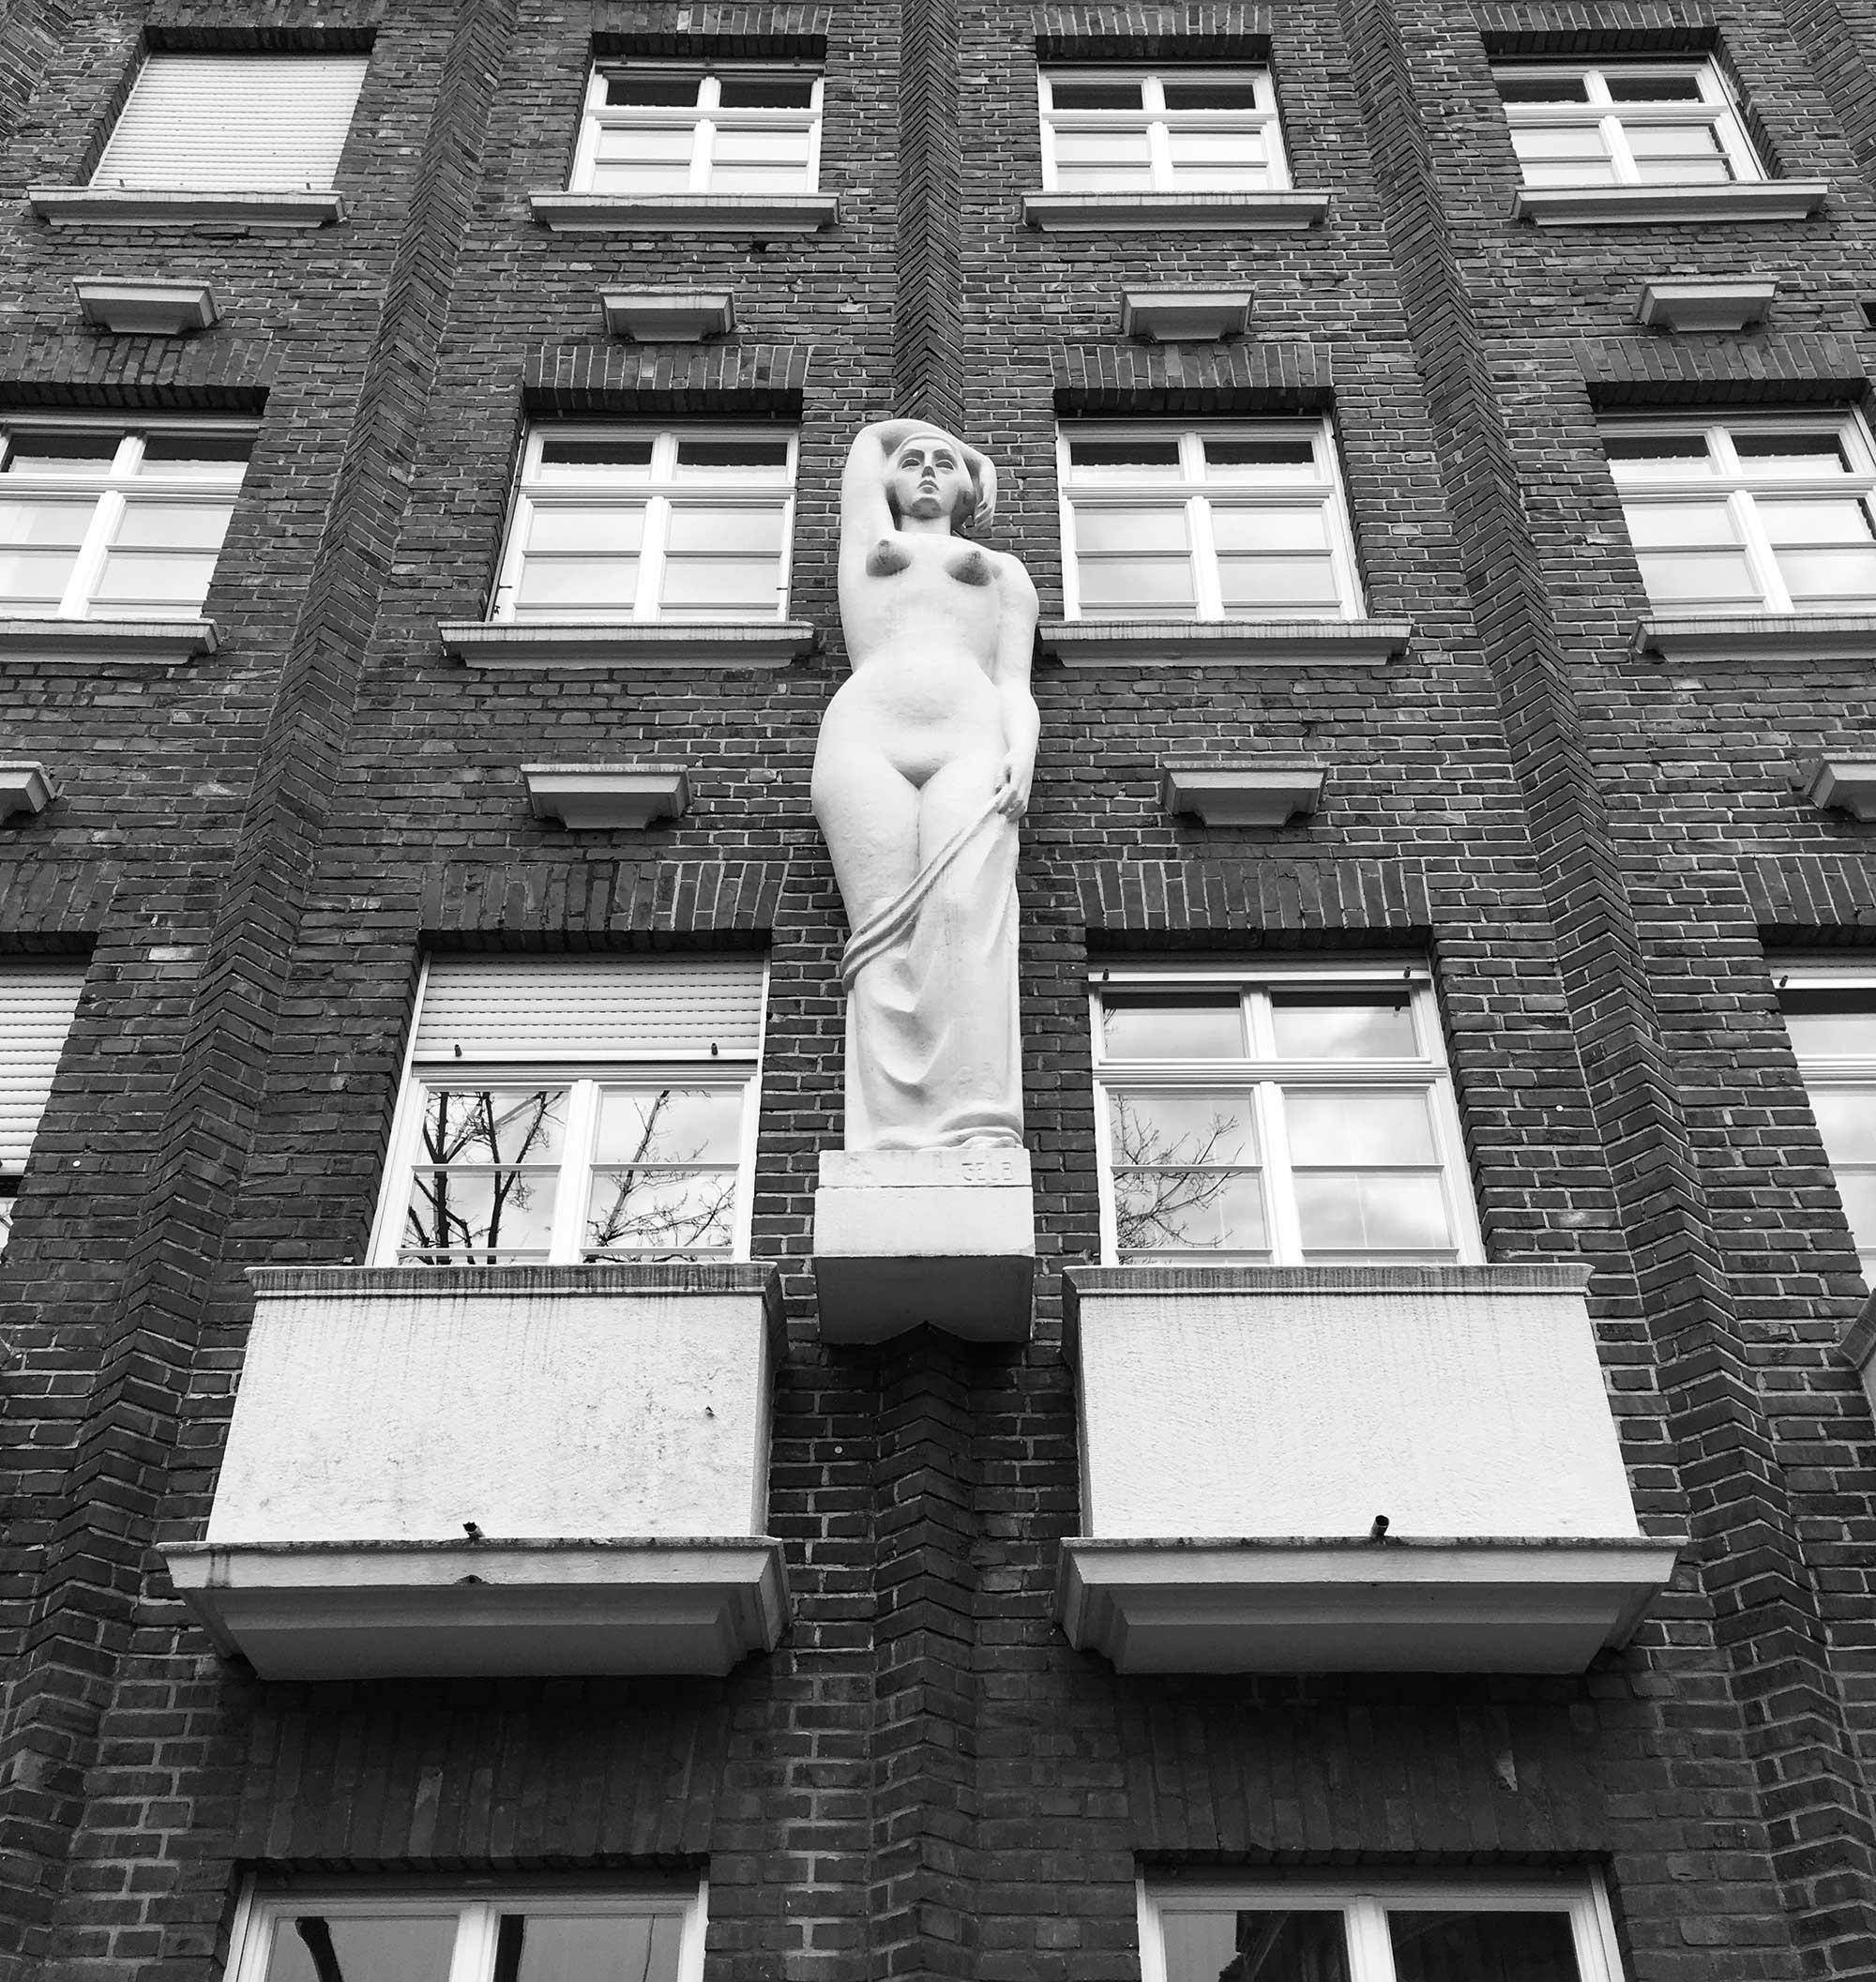 Die nackte Frau an der Hauswand